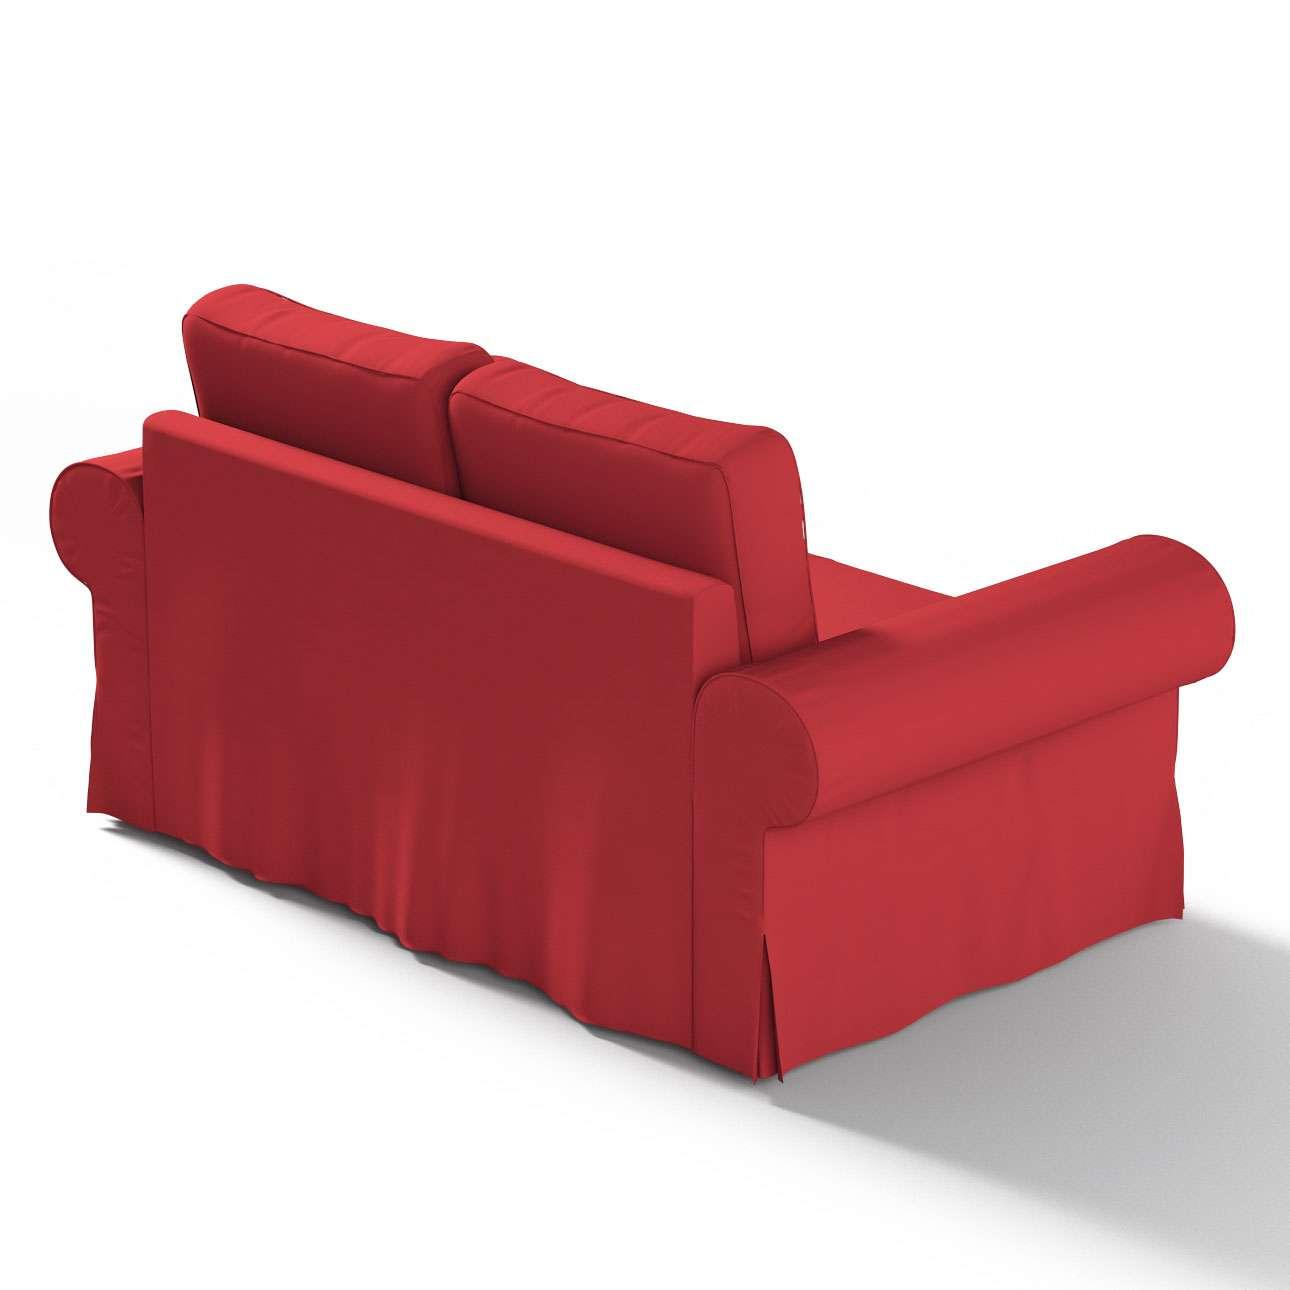 Bezug für Backabro 2-Sitzer Sofa ausklappbar von der Kollektion Cotton Panama, Stoff: 702-04